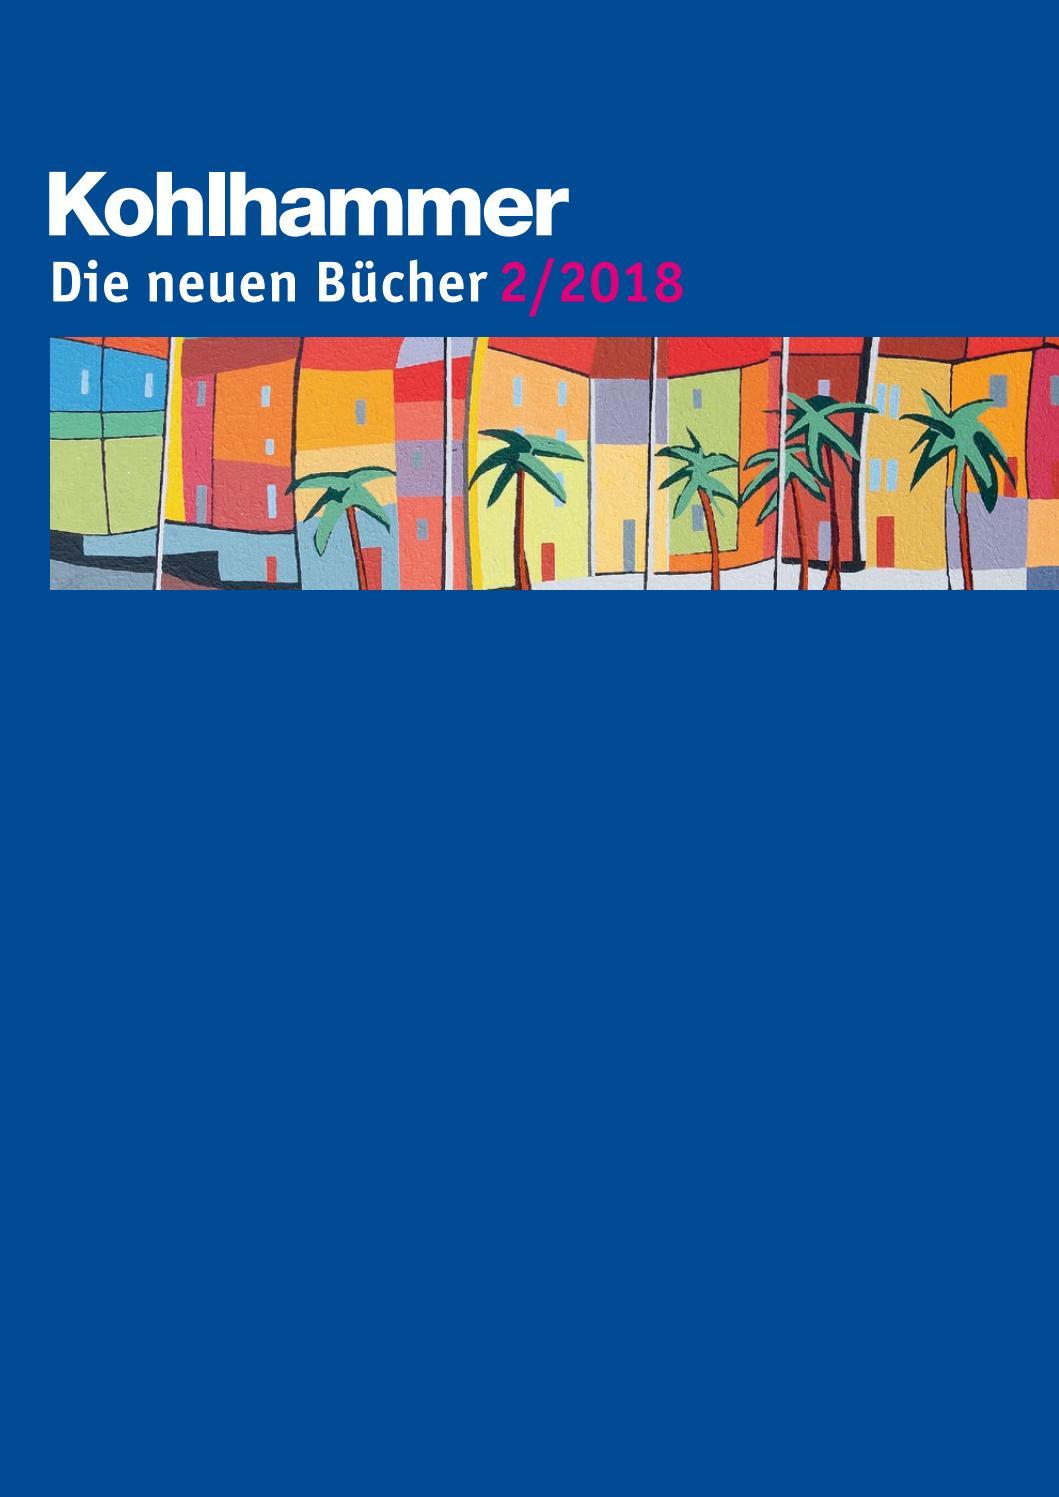 Kohlhammer Vorschau 2 | 2018 by Kohlhammer Verlag - issuu